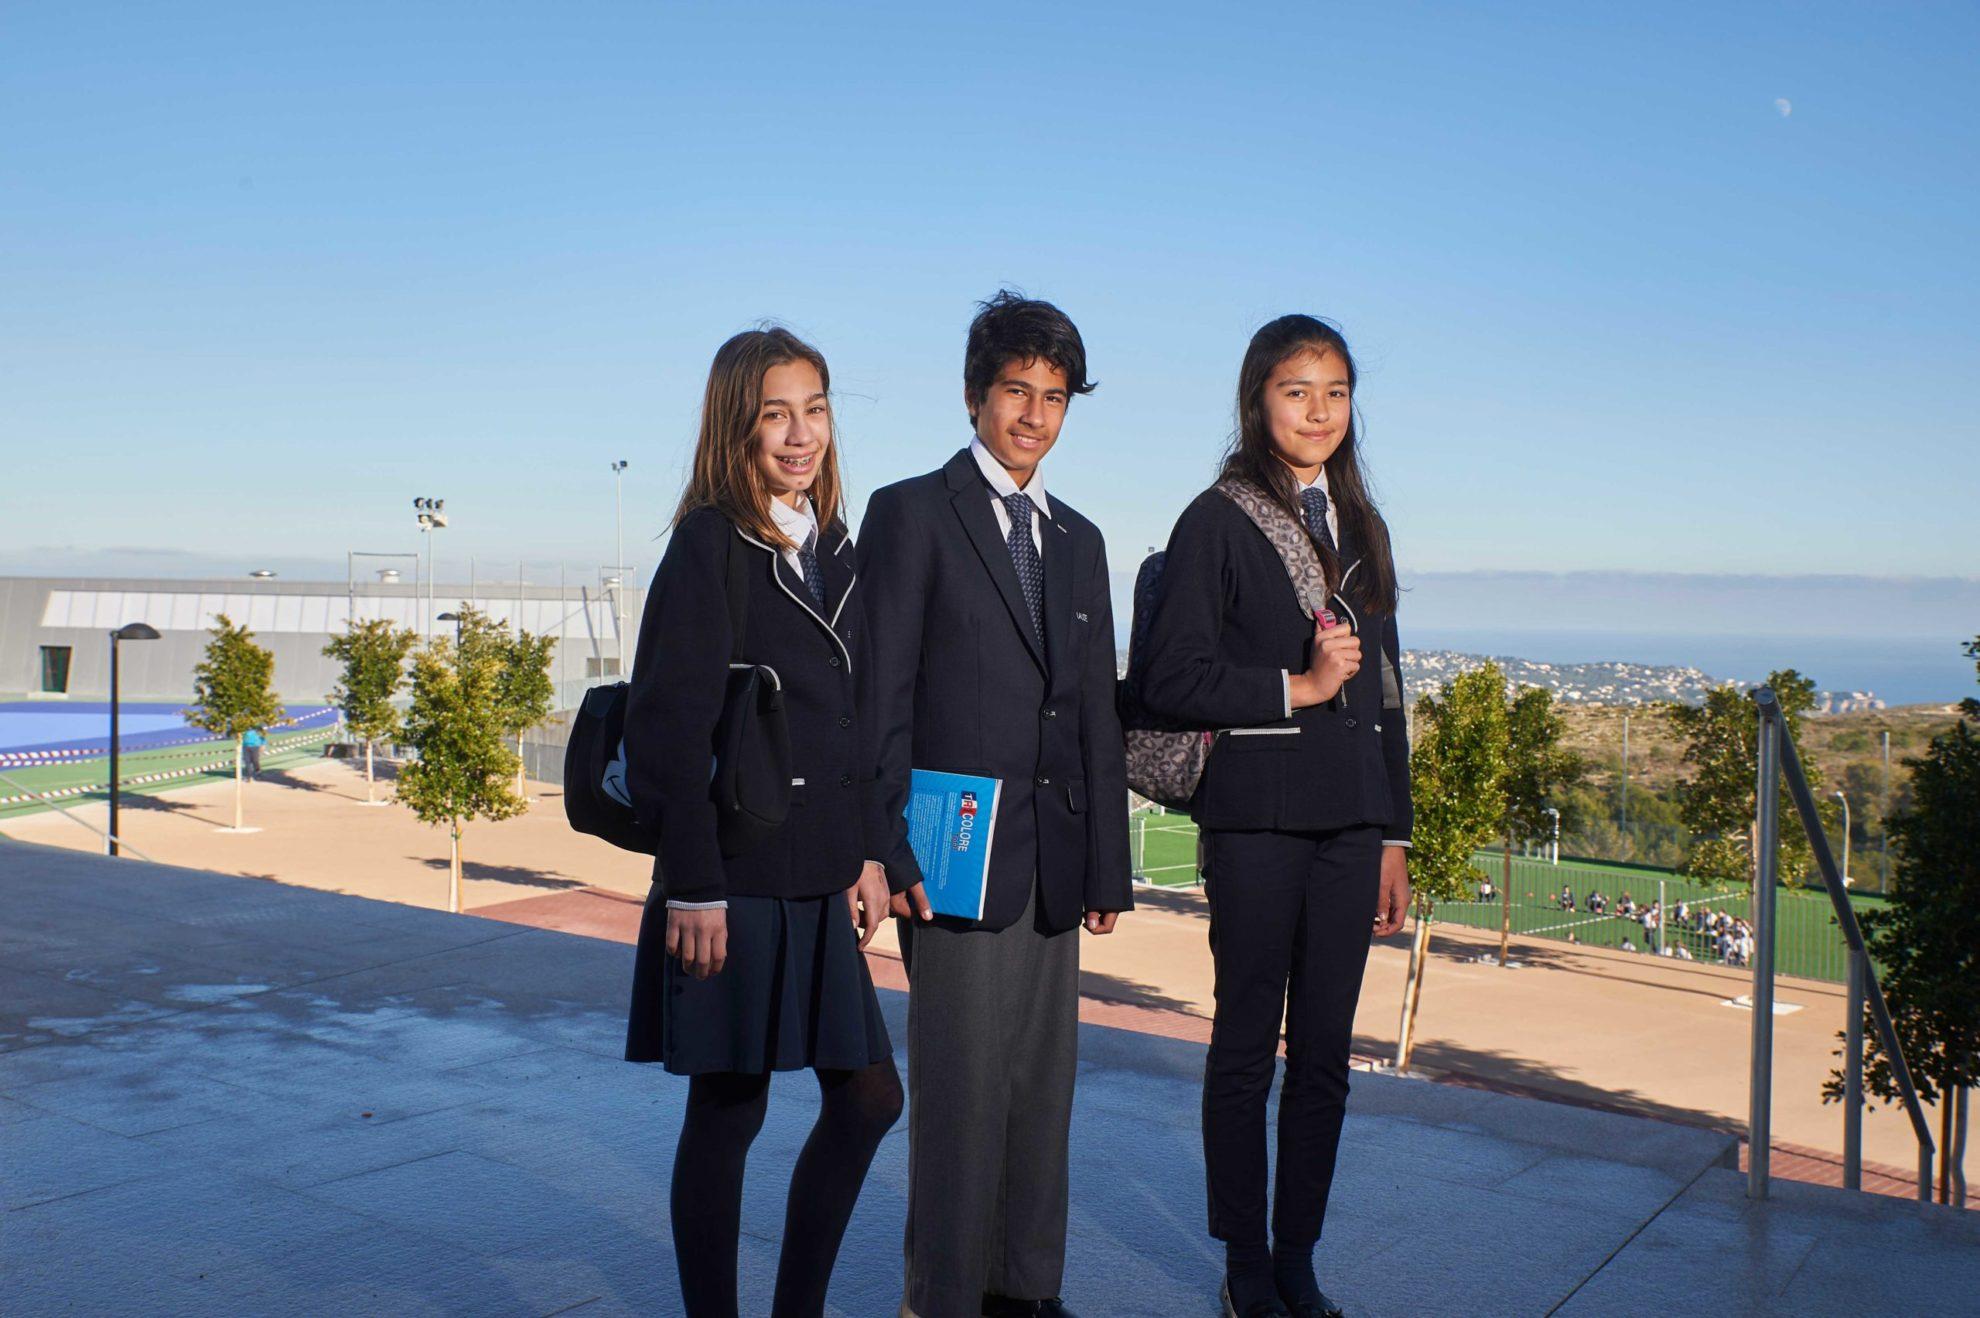 drei-glückliche-Kinder-in-Schuluniform-draußen-am-sonnigen-Tag